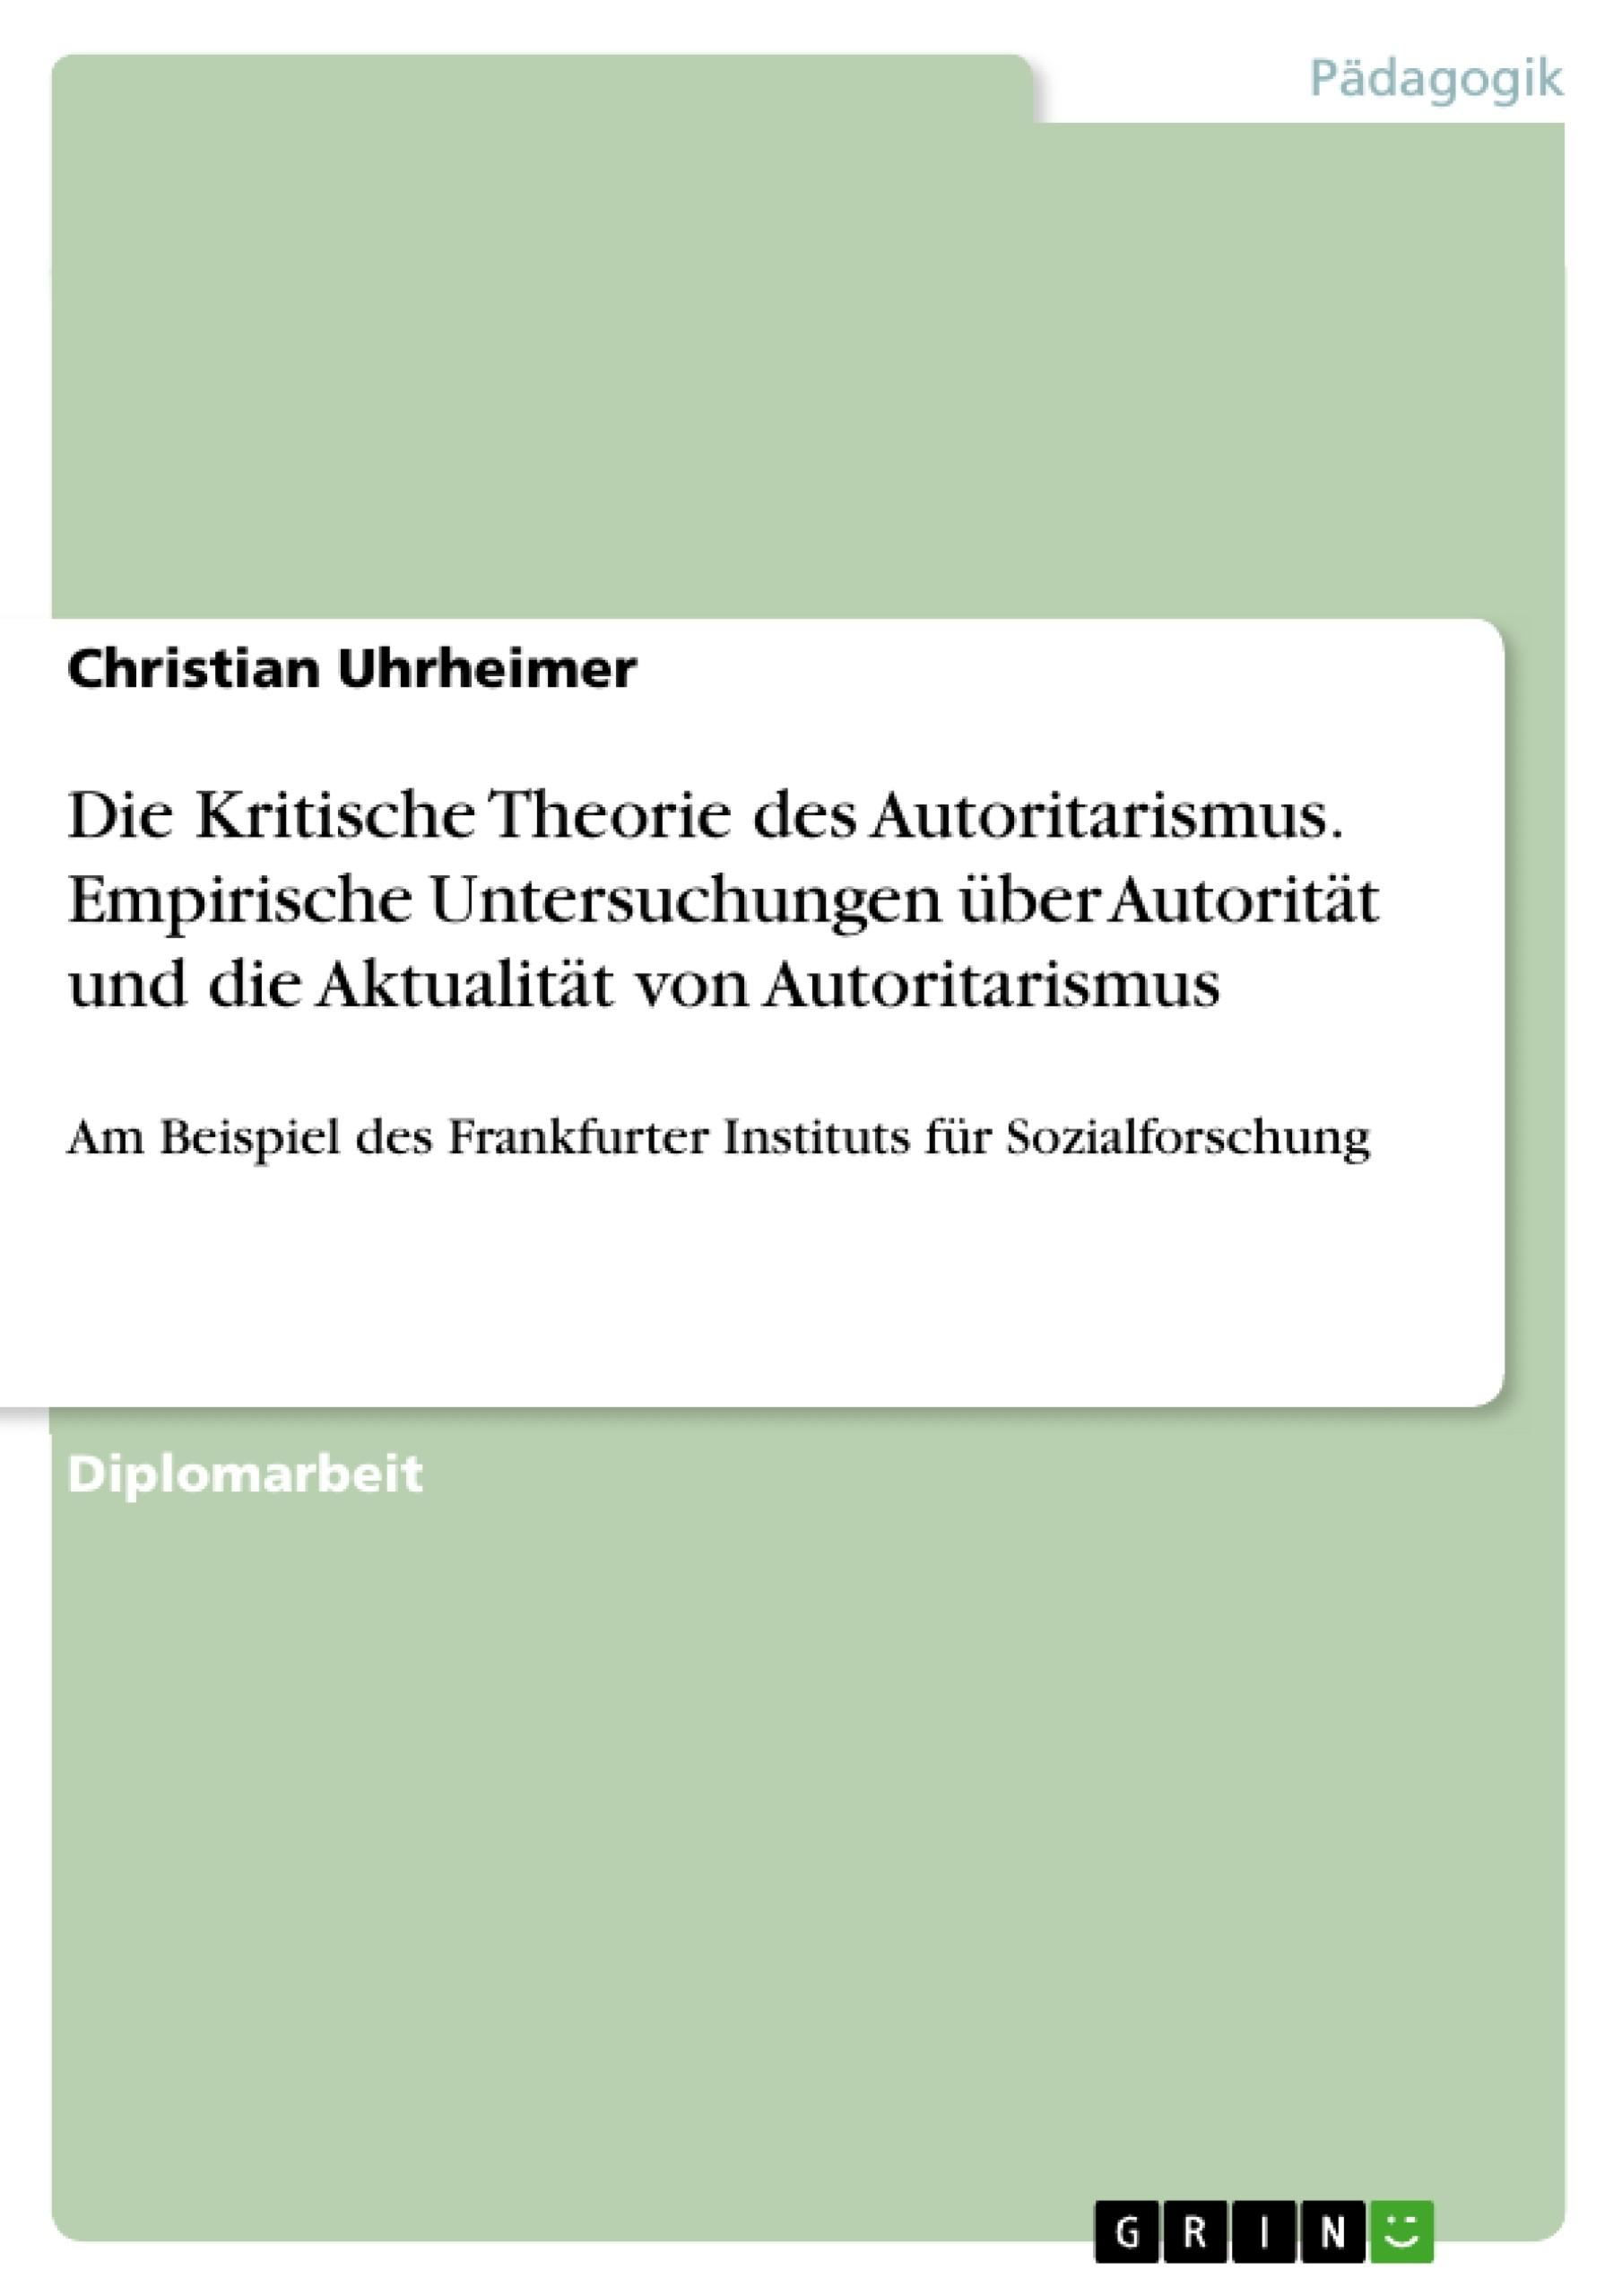 Titel: Die Kritische Theorie des Autoritarismus. Empirische Untersuchungen über Autorität und die Aktualität von Autoritarismus